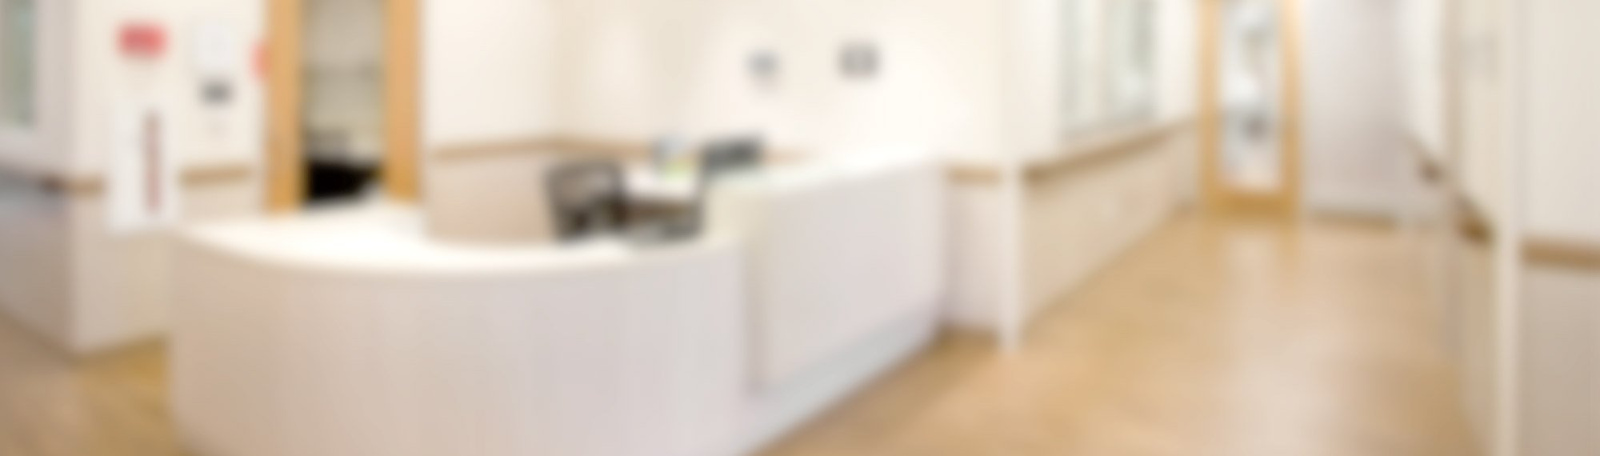 Добро пожаловать в центр профессиональных медицинских услуг АЛМ Медицина!